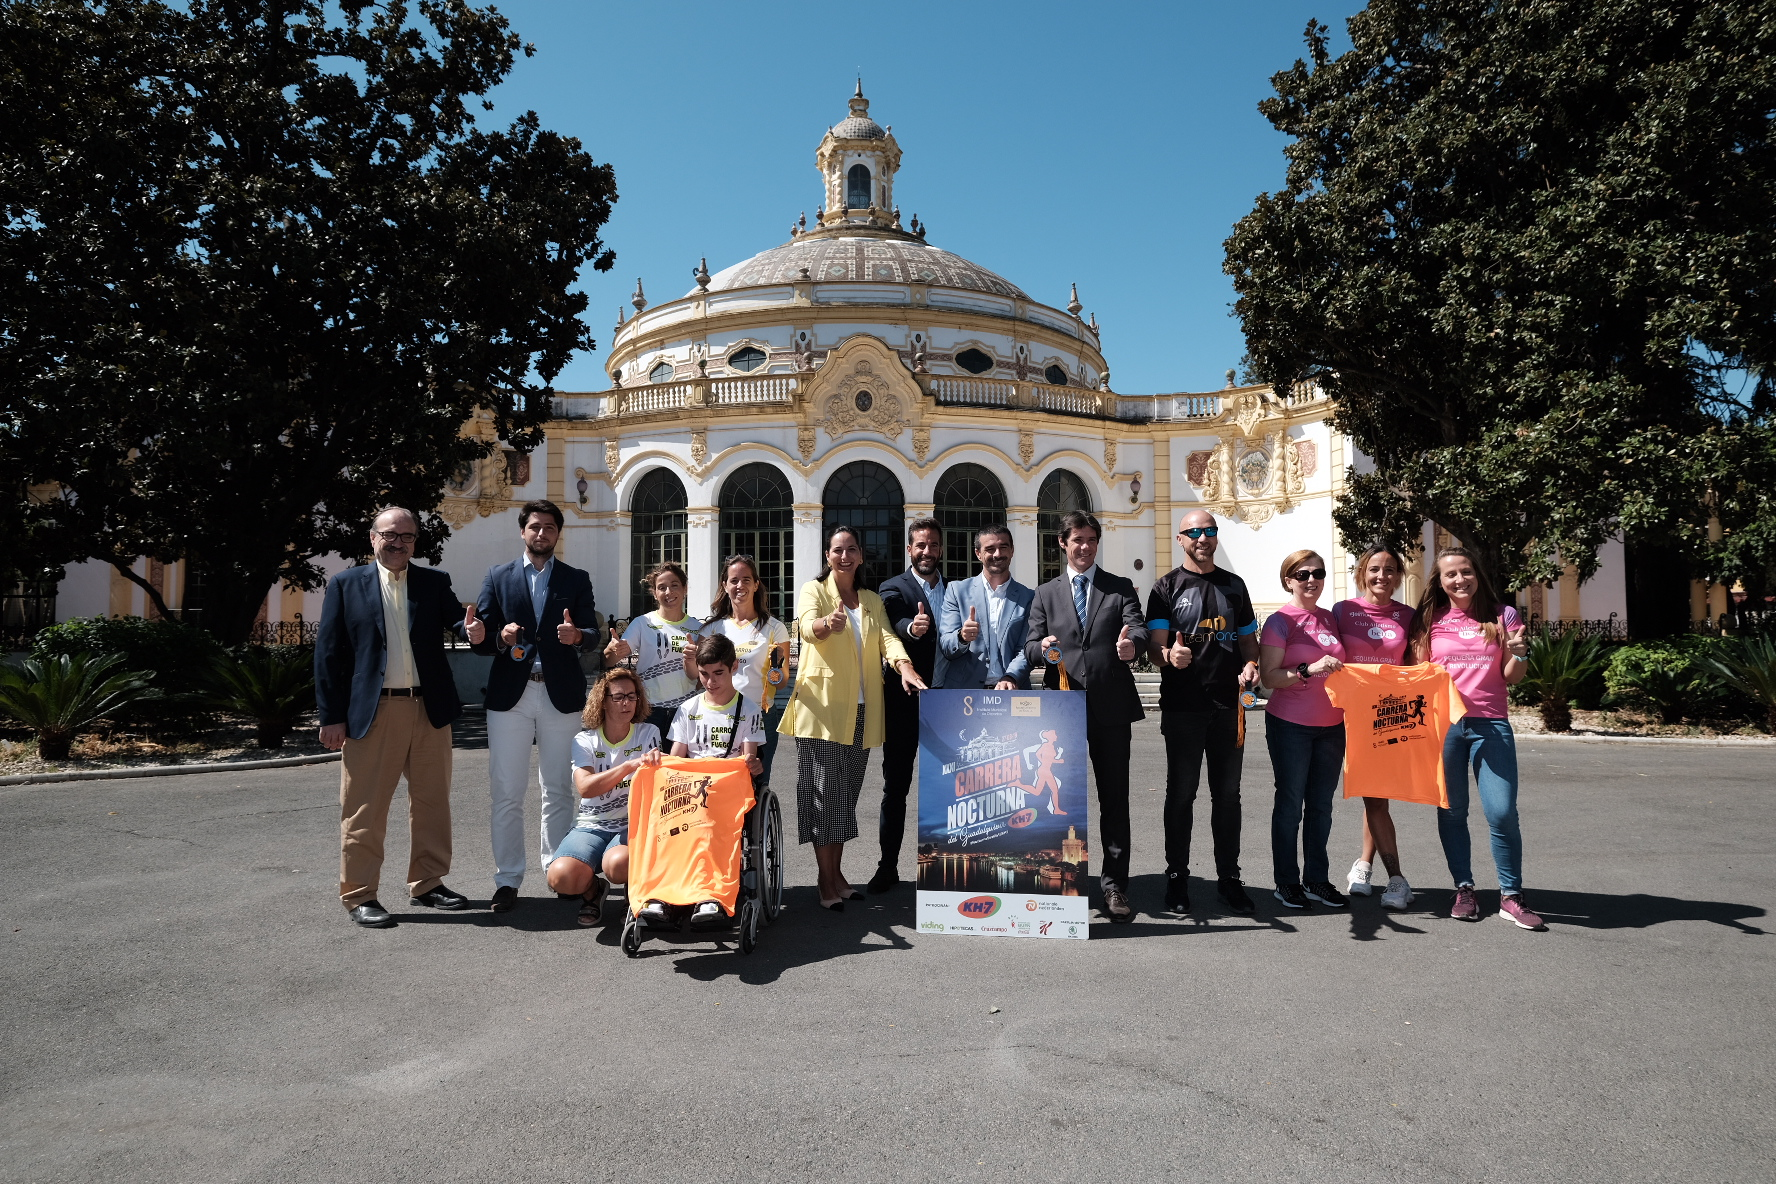 El Casino de la Exposición protagoniza la medalla y la camiseta de la Nocturna